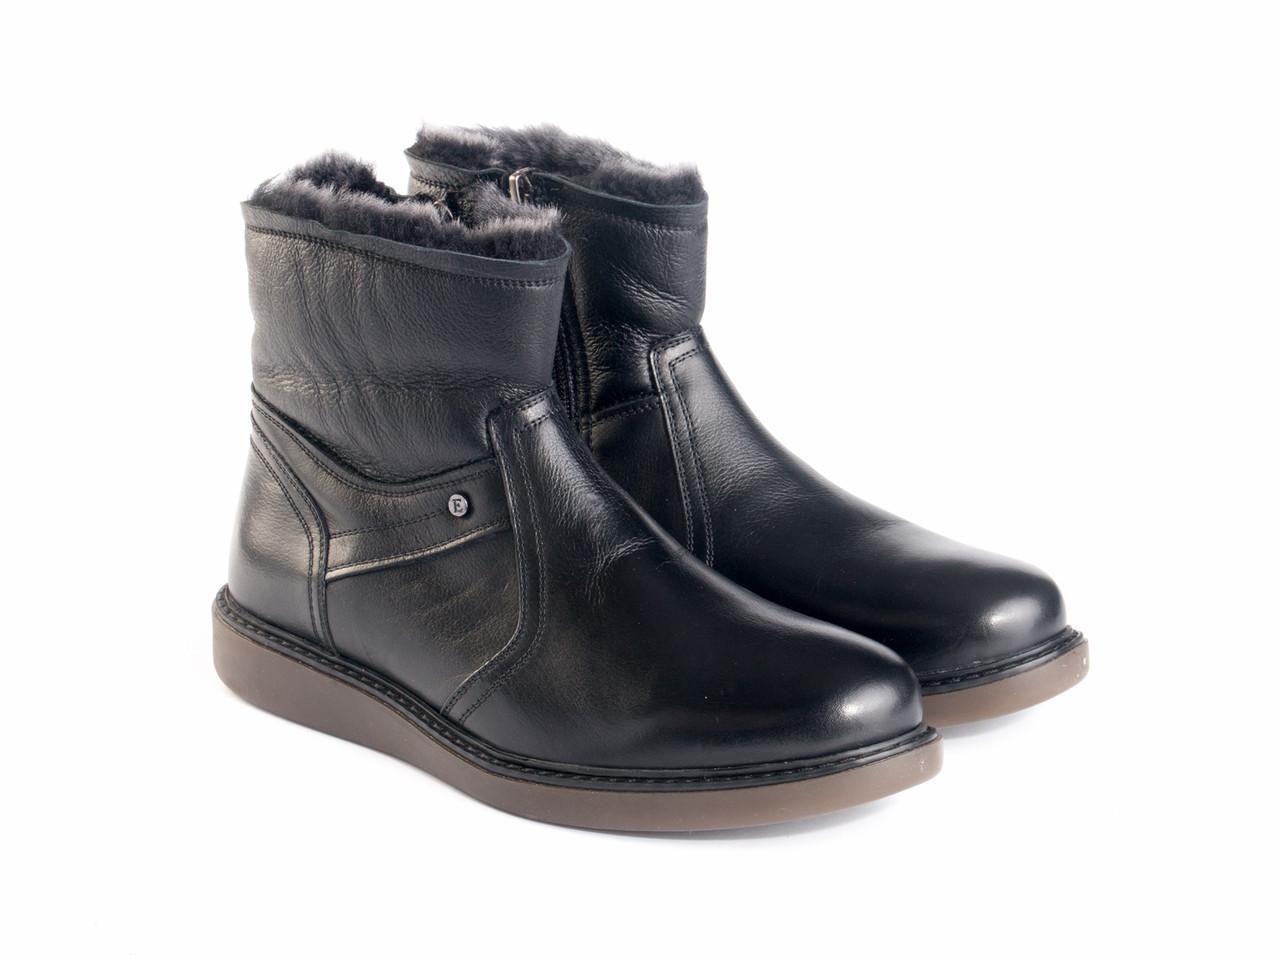 Ботинки Etor 13888-4524-3151 41 черные